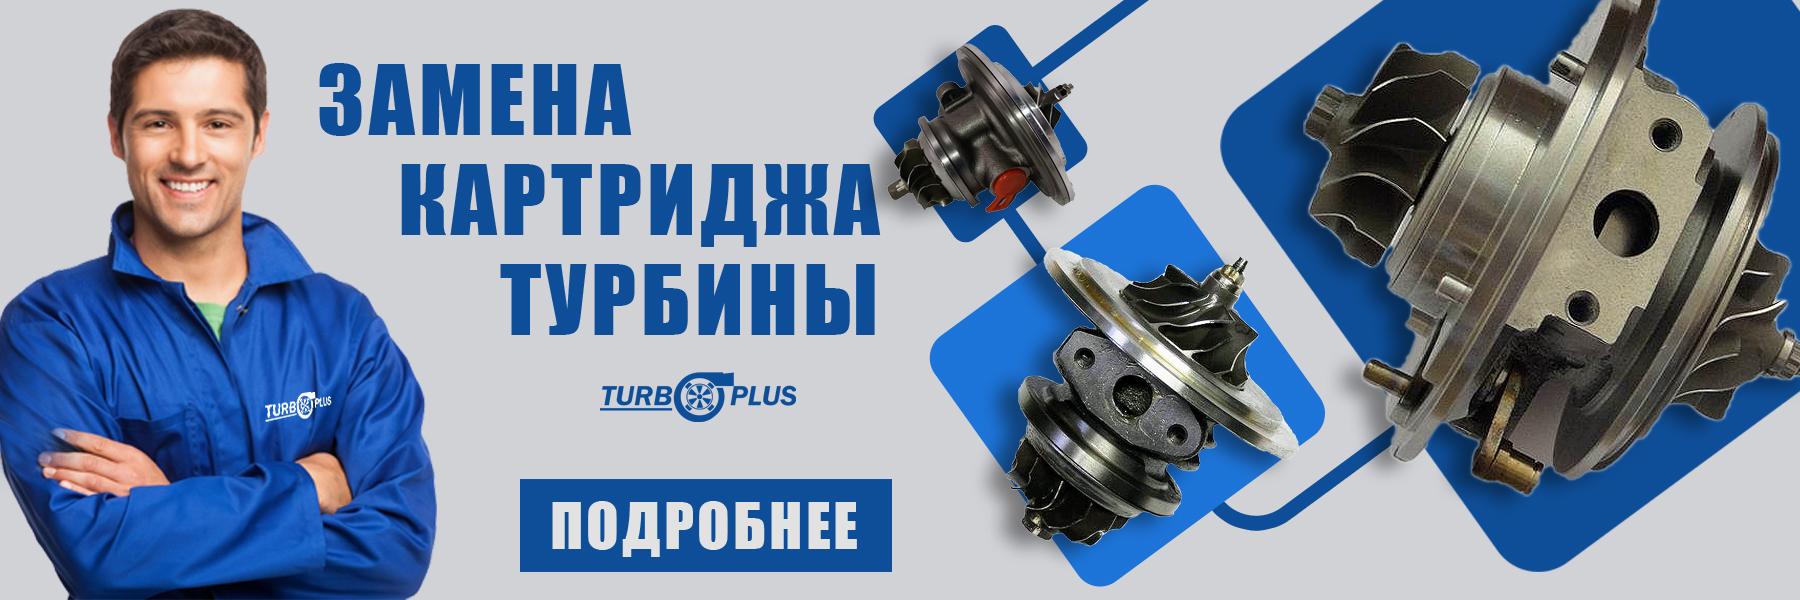 03 Замена картриджа турбины